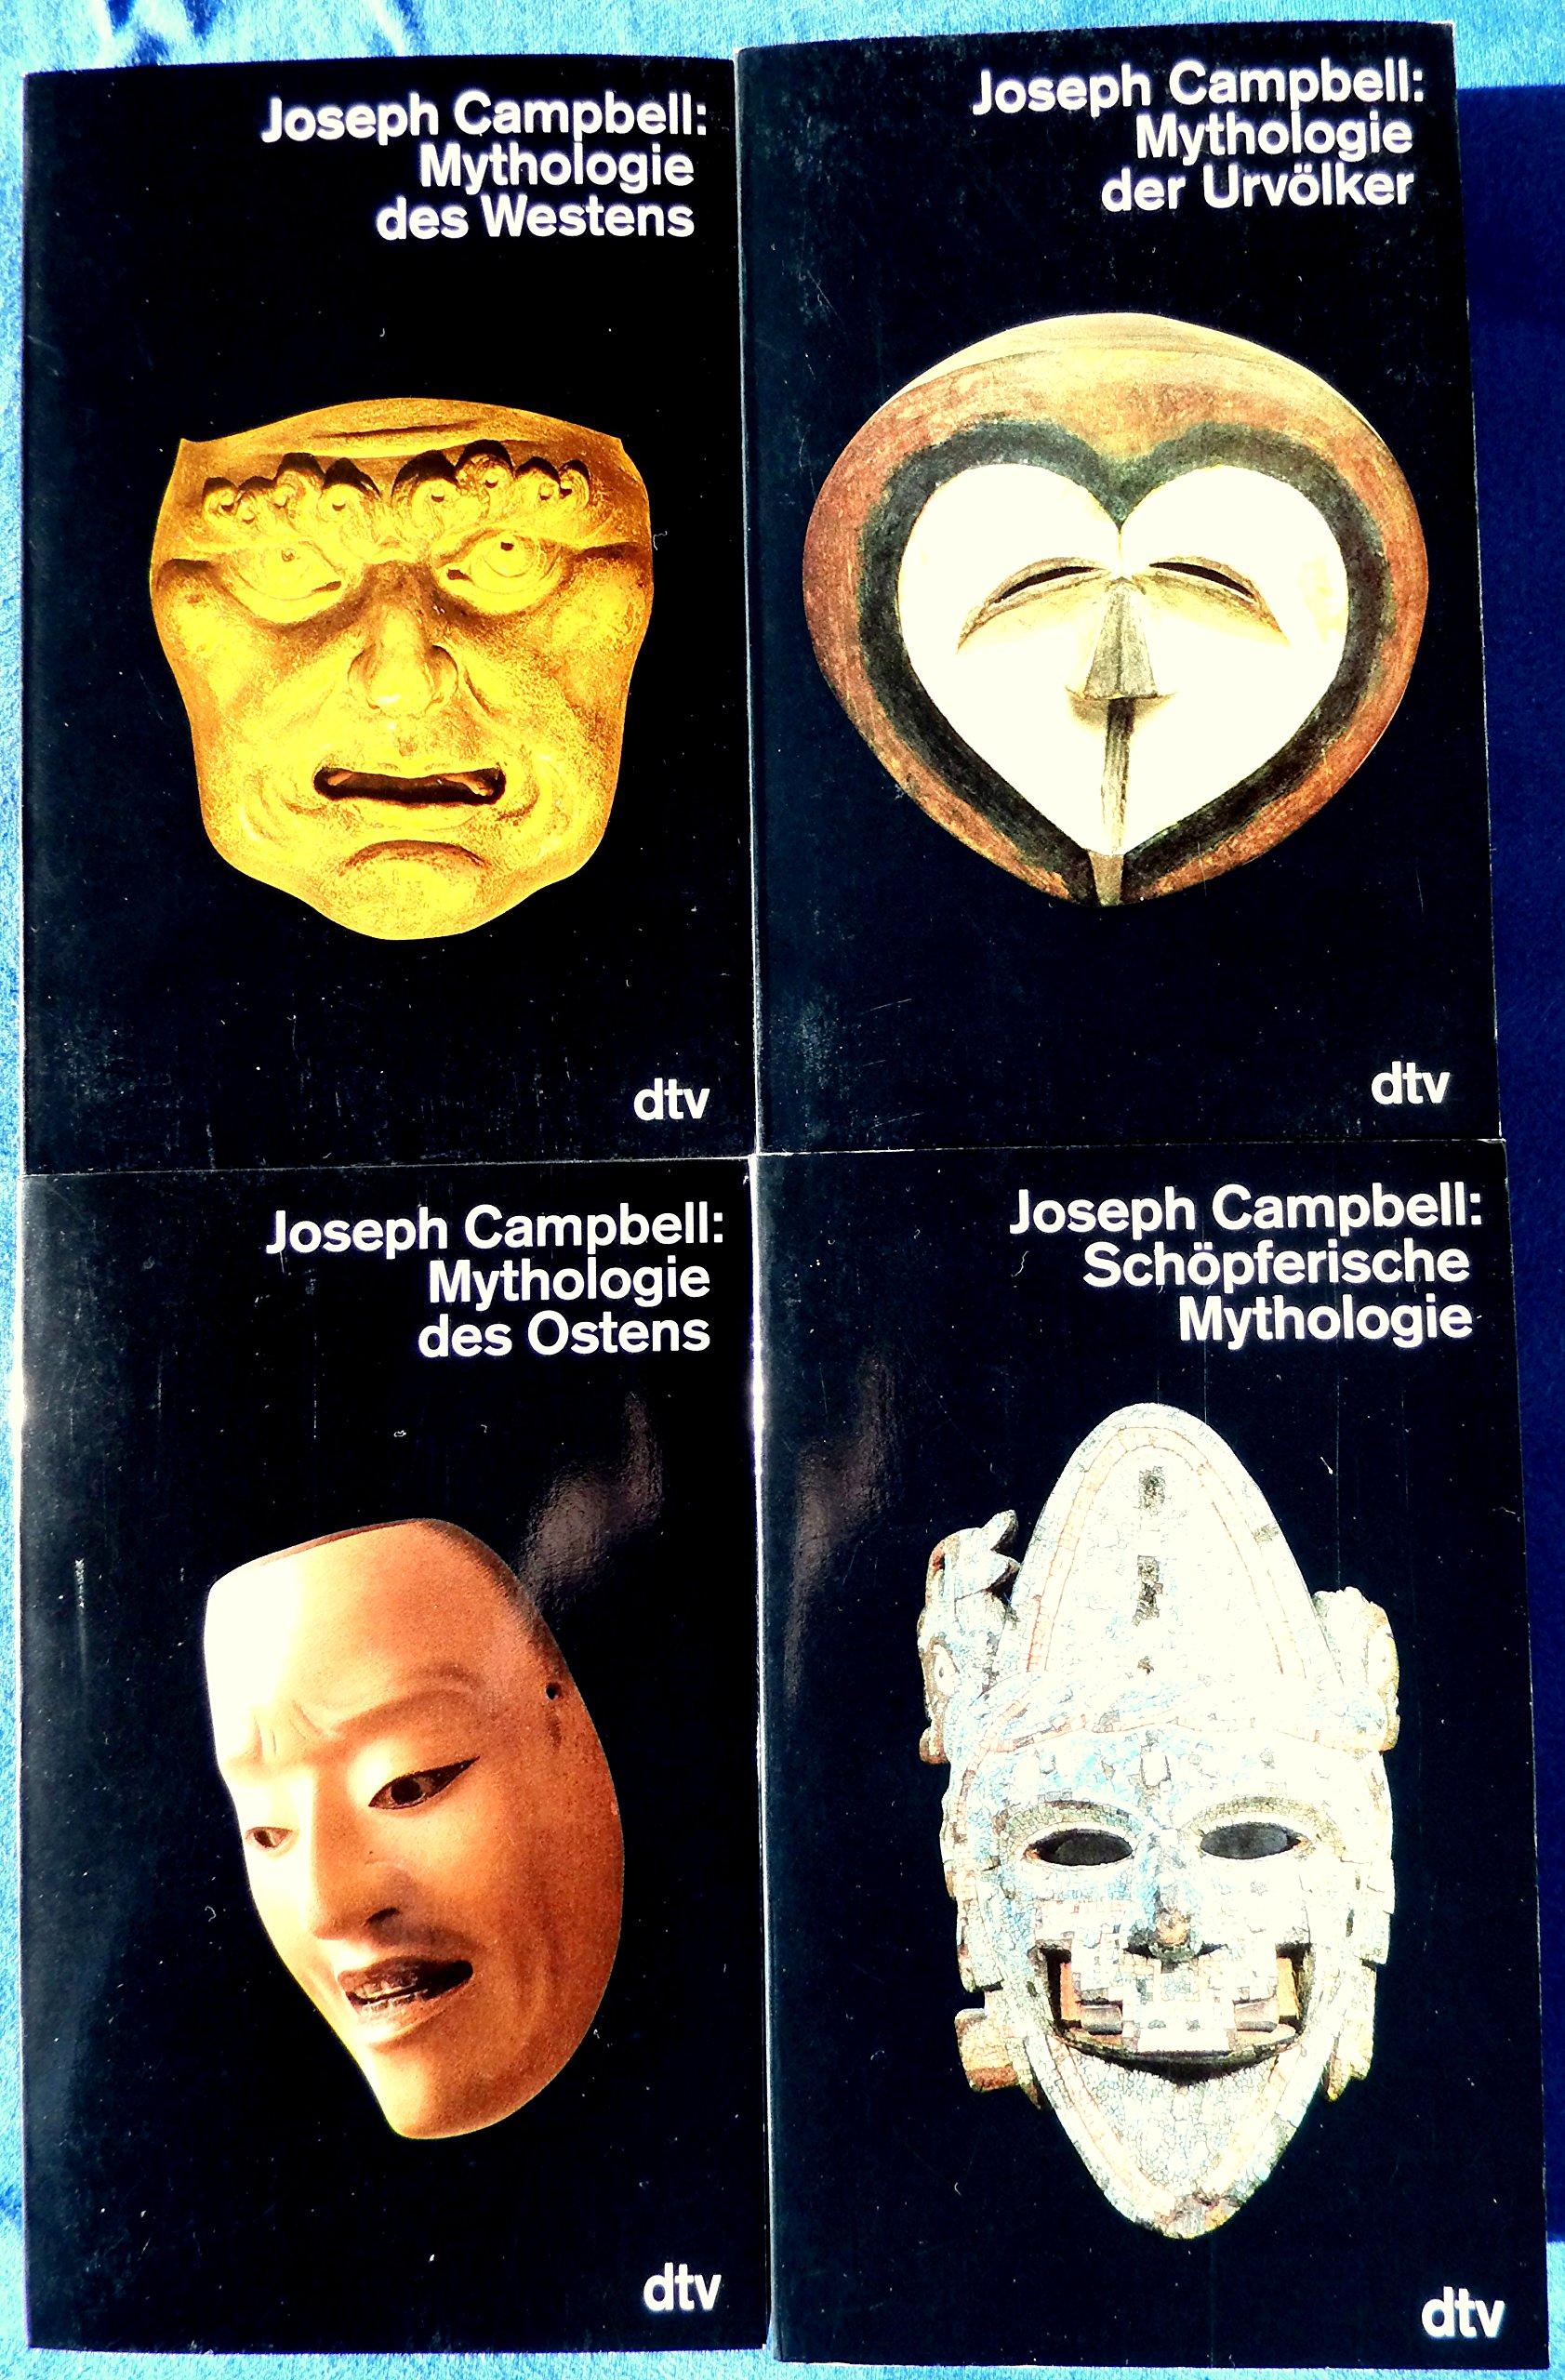 Die Masken Gottes: Band 1: Mythologie der Urvölker. Band 2: Mythologie des Ostens. Band 3: Mythologie des Westens. Band 4: Schöpferische Mythologie